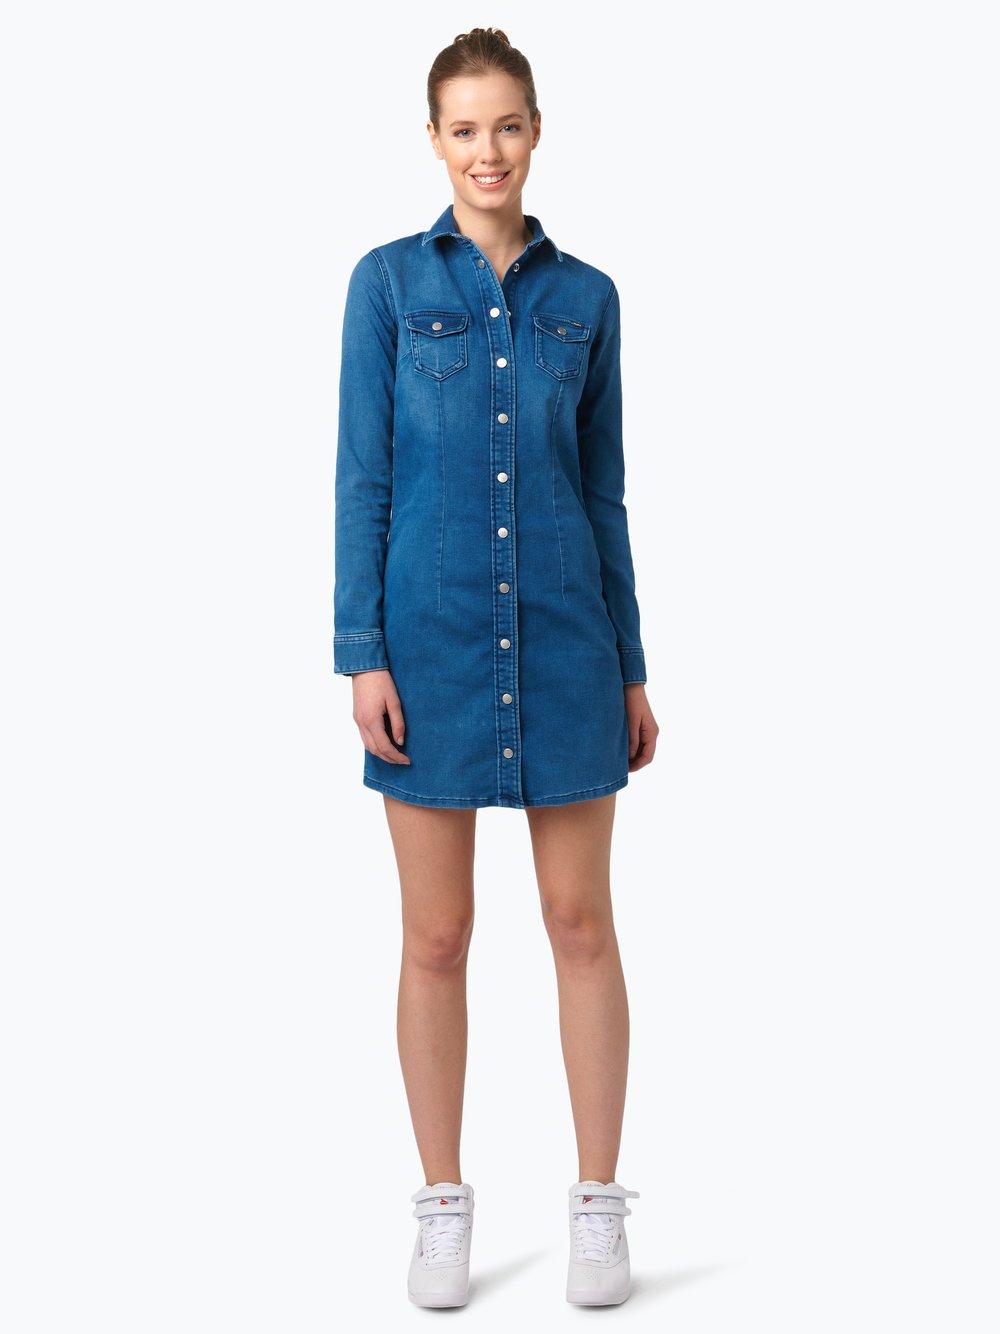 Pepe Jeans Damen Jeanskleid Cindy Online Kaufen Peek Und